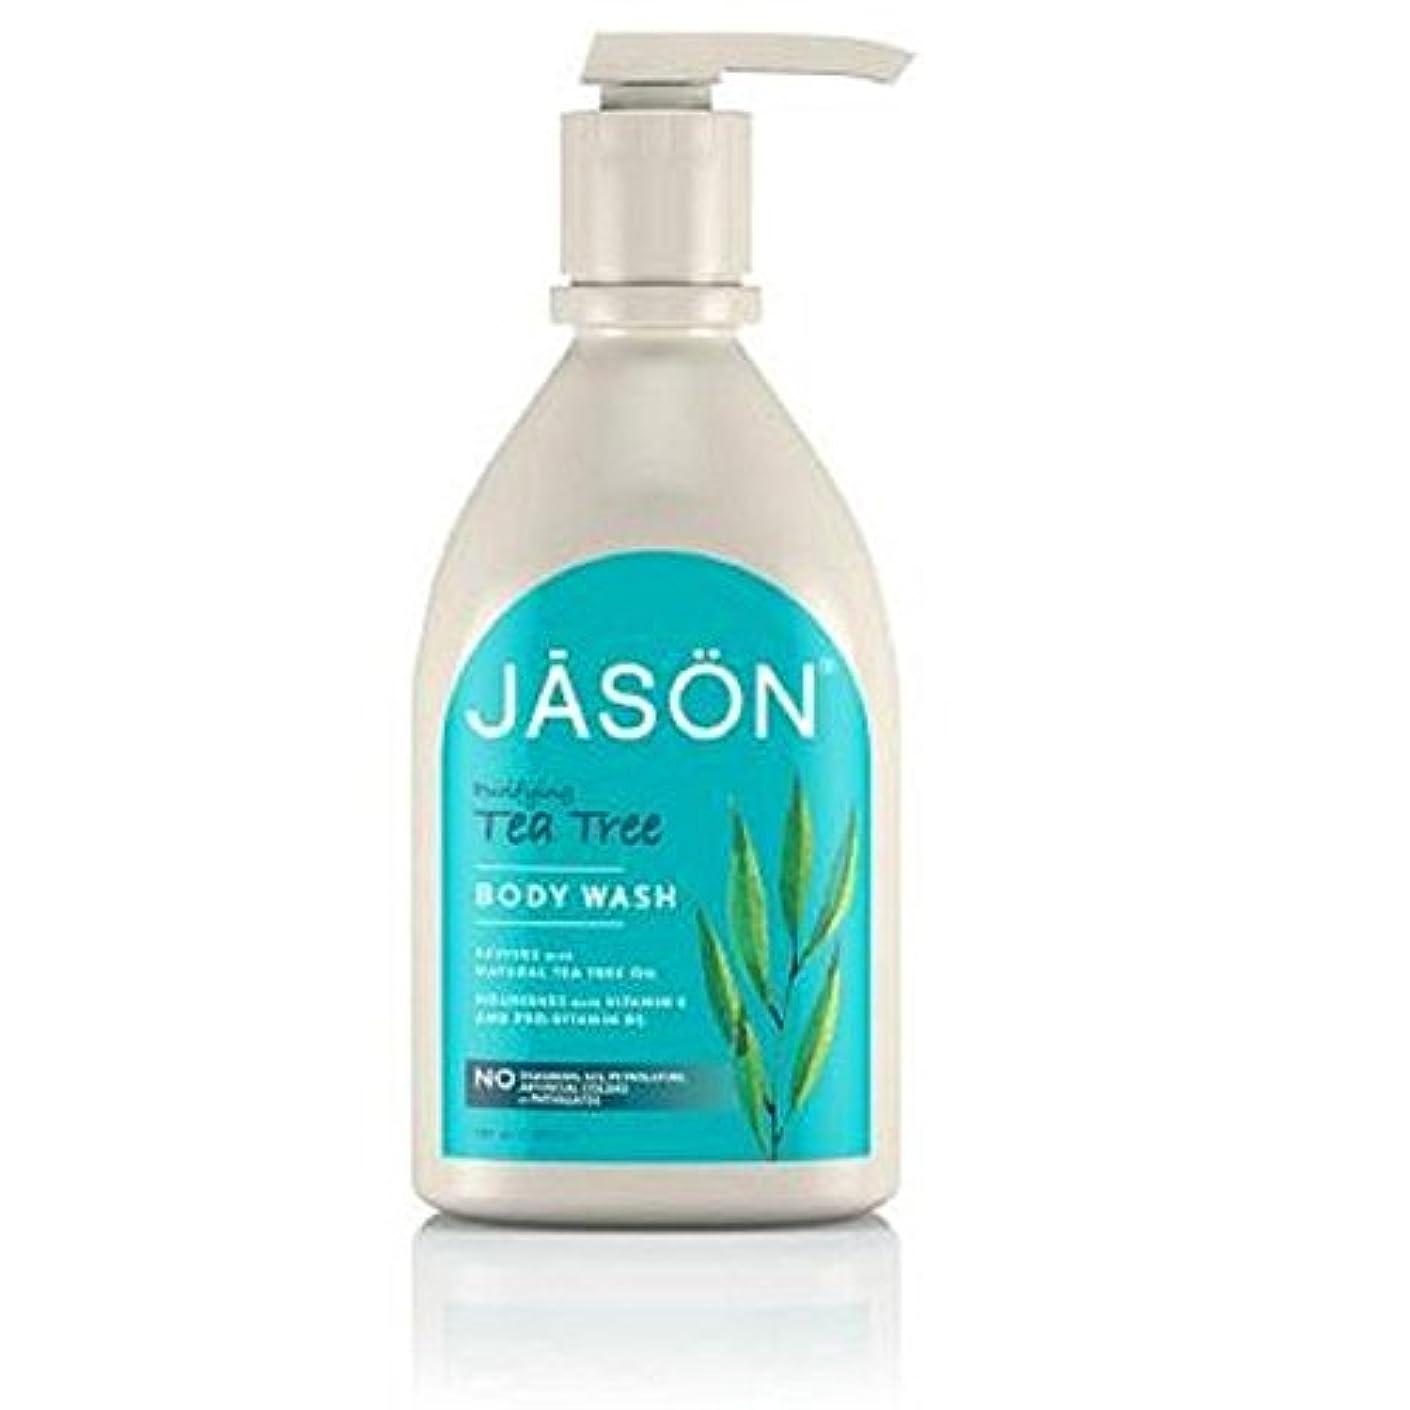 誠実さ内側ブラジャージェイソン?ティーツリーサテンボディウォッシュポンプ900ミリリットル x4 - Jason Tea Tree Satin Body Wash Pump 900ml (Pack of 4) [並行輸入品]